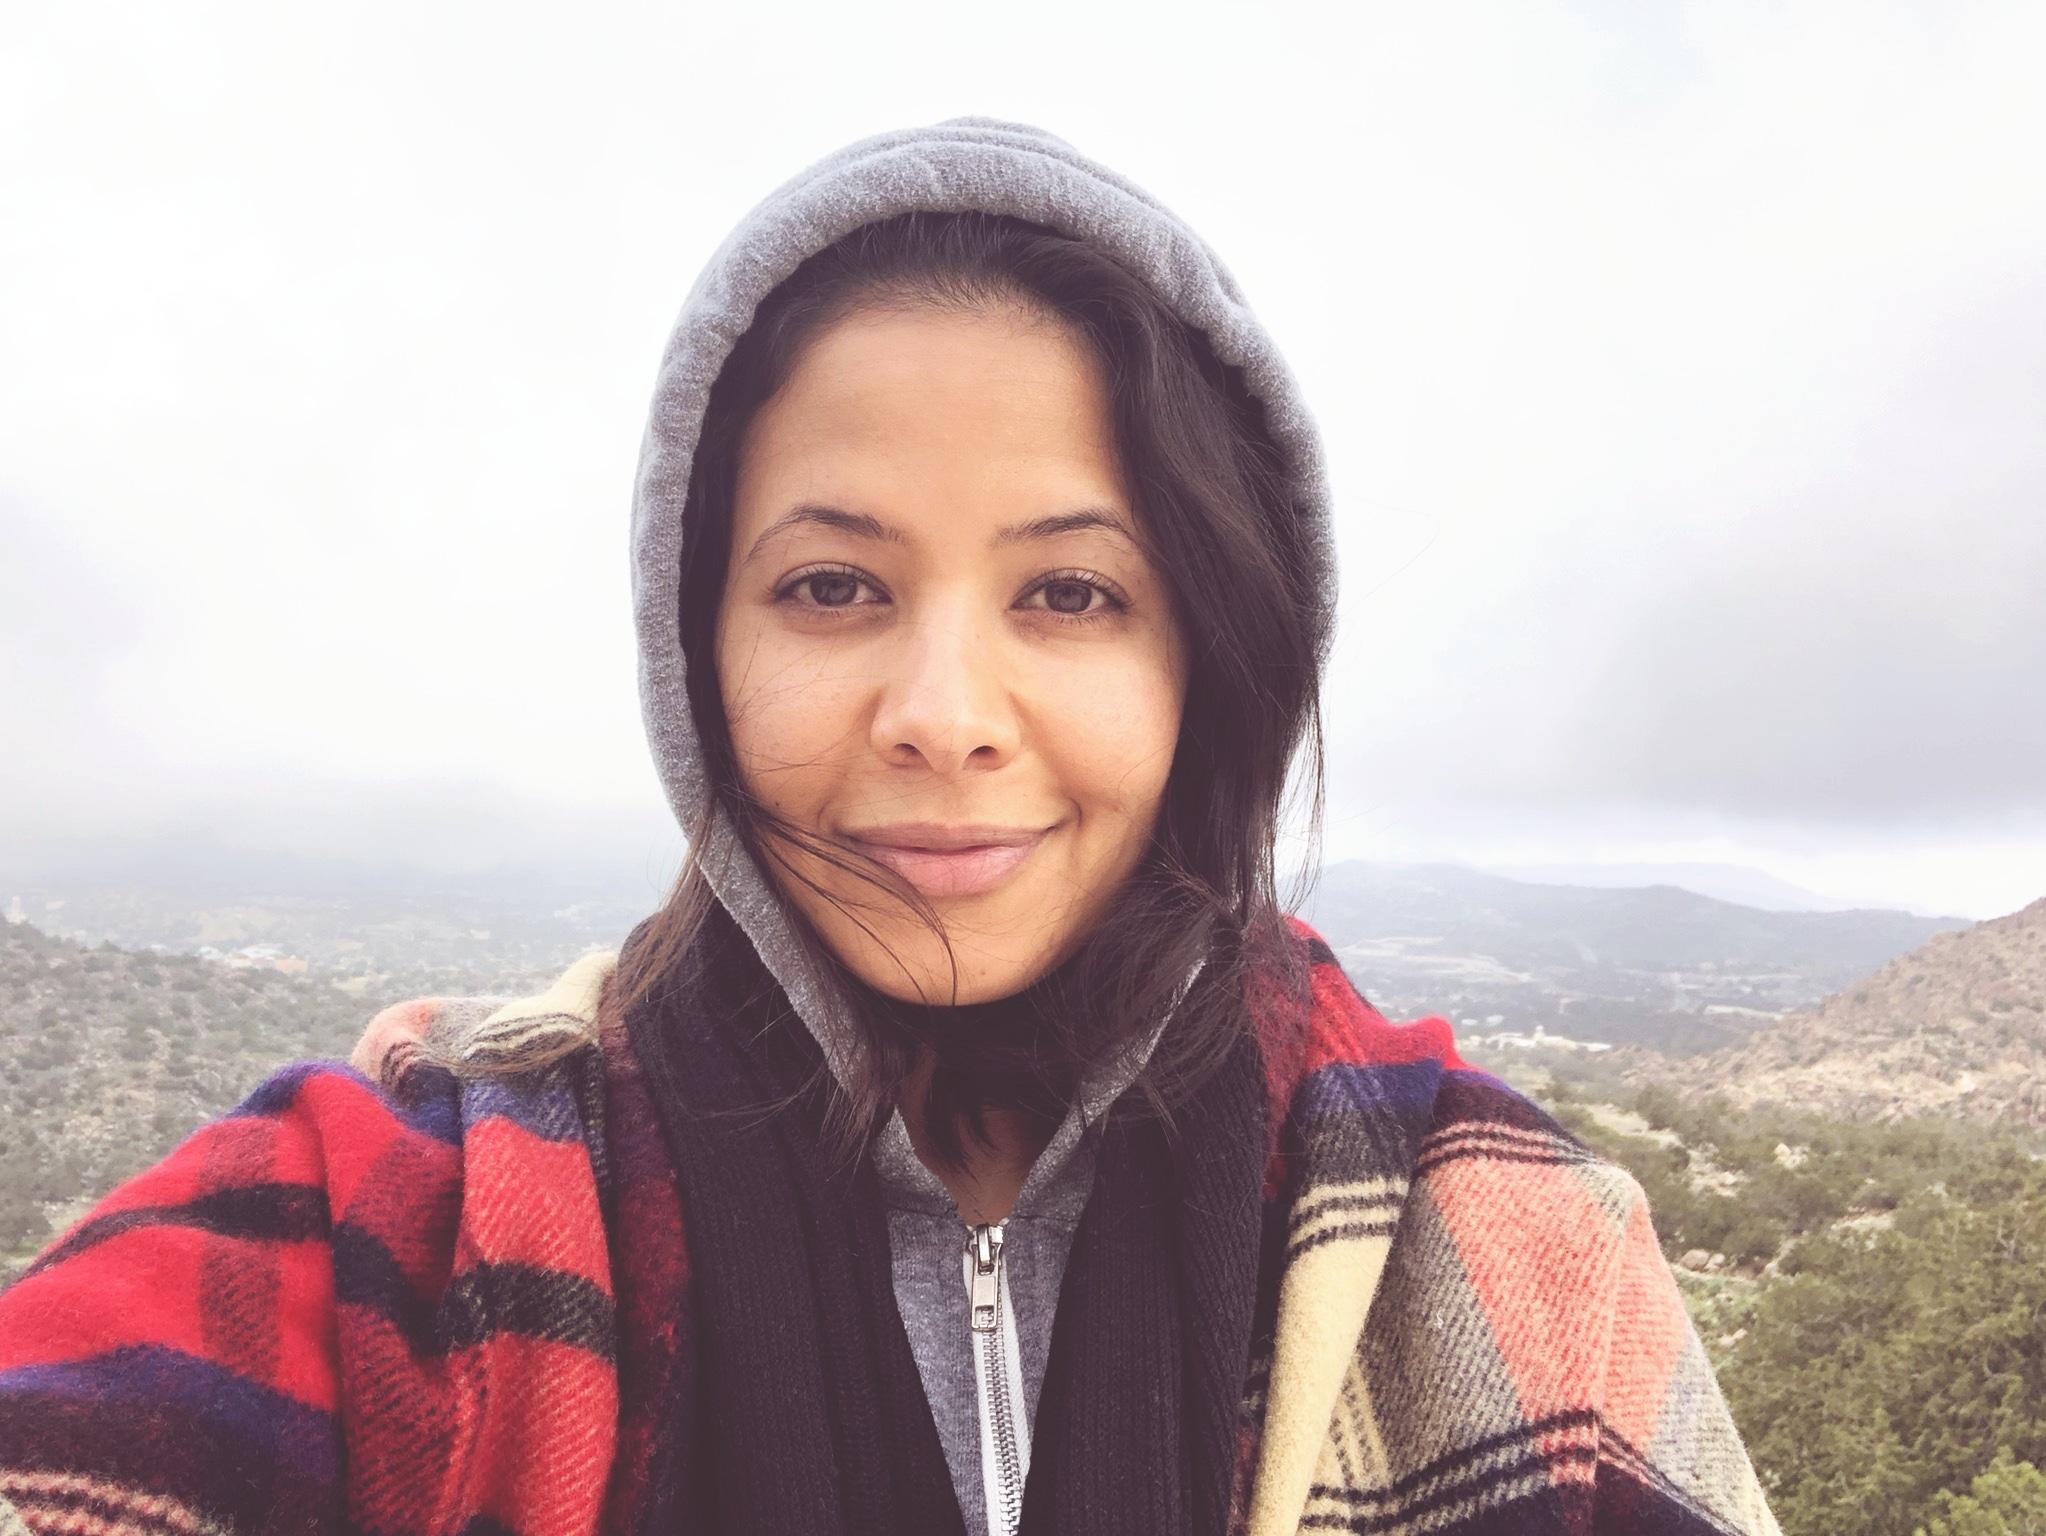 Wasma Mansour